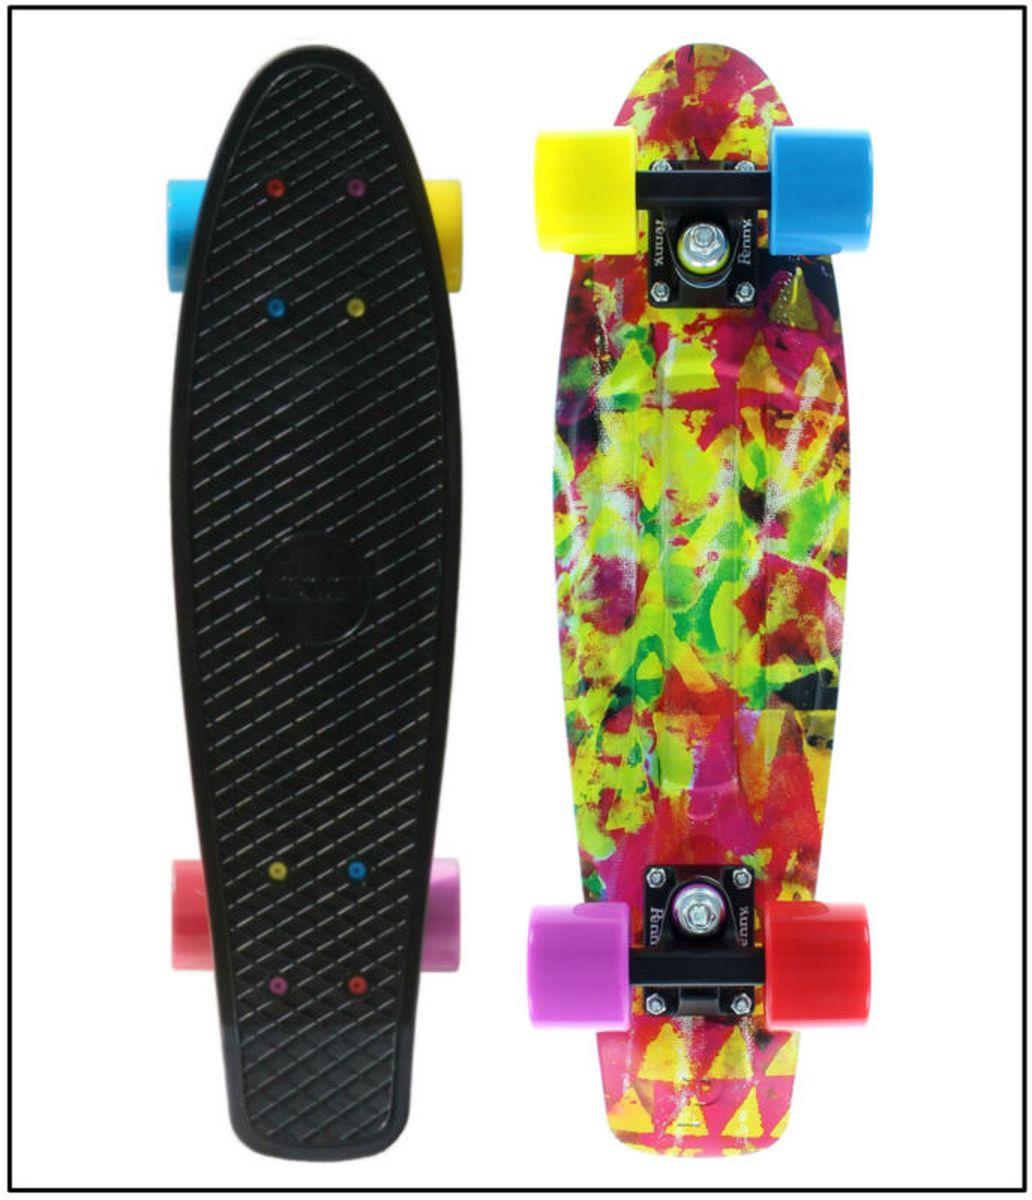 Пенни борд Penny Original 22 , цвет: Kaleidoscope815049021400Penny продукт 12-ти летнего опыта в производстве скейтбордов Бена Маккея. В Penny он вложил все что знал о дизайне и производстве, чтобы придумать качественную, крепкую, фановую и цветную виниловую доску пенни. PENNY комплект лонгборд для детей от 4-х лет. Предназначен для активного отдыха.